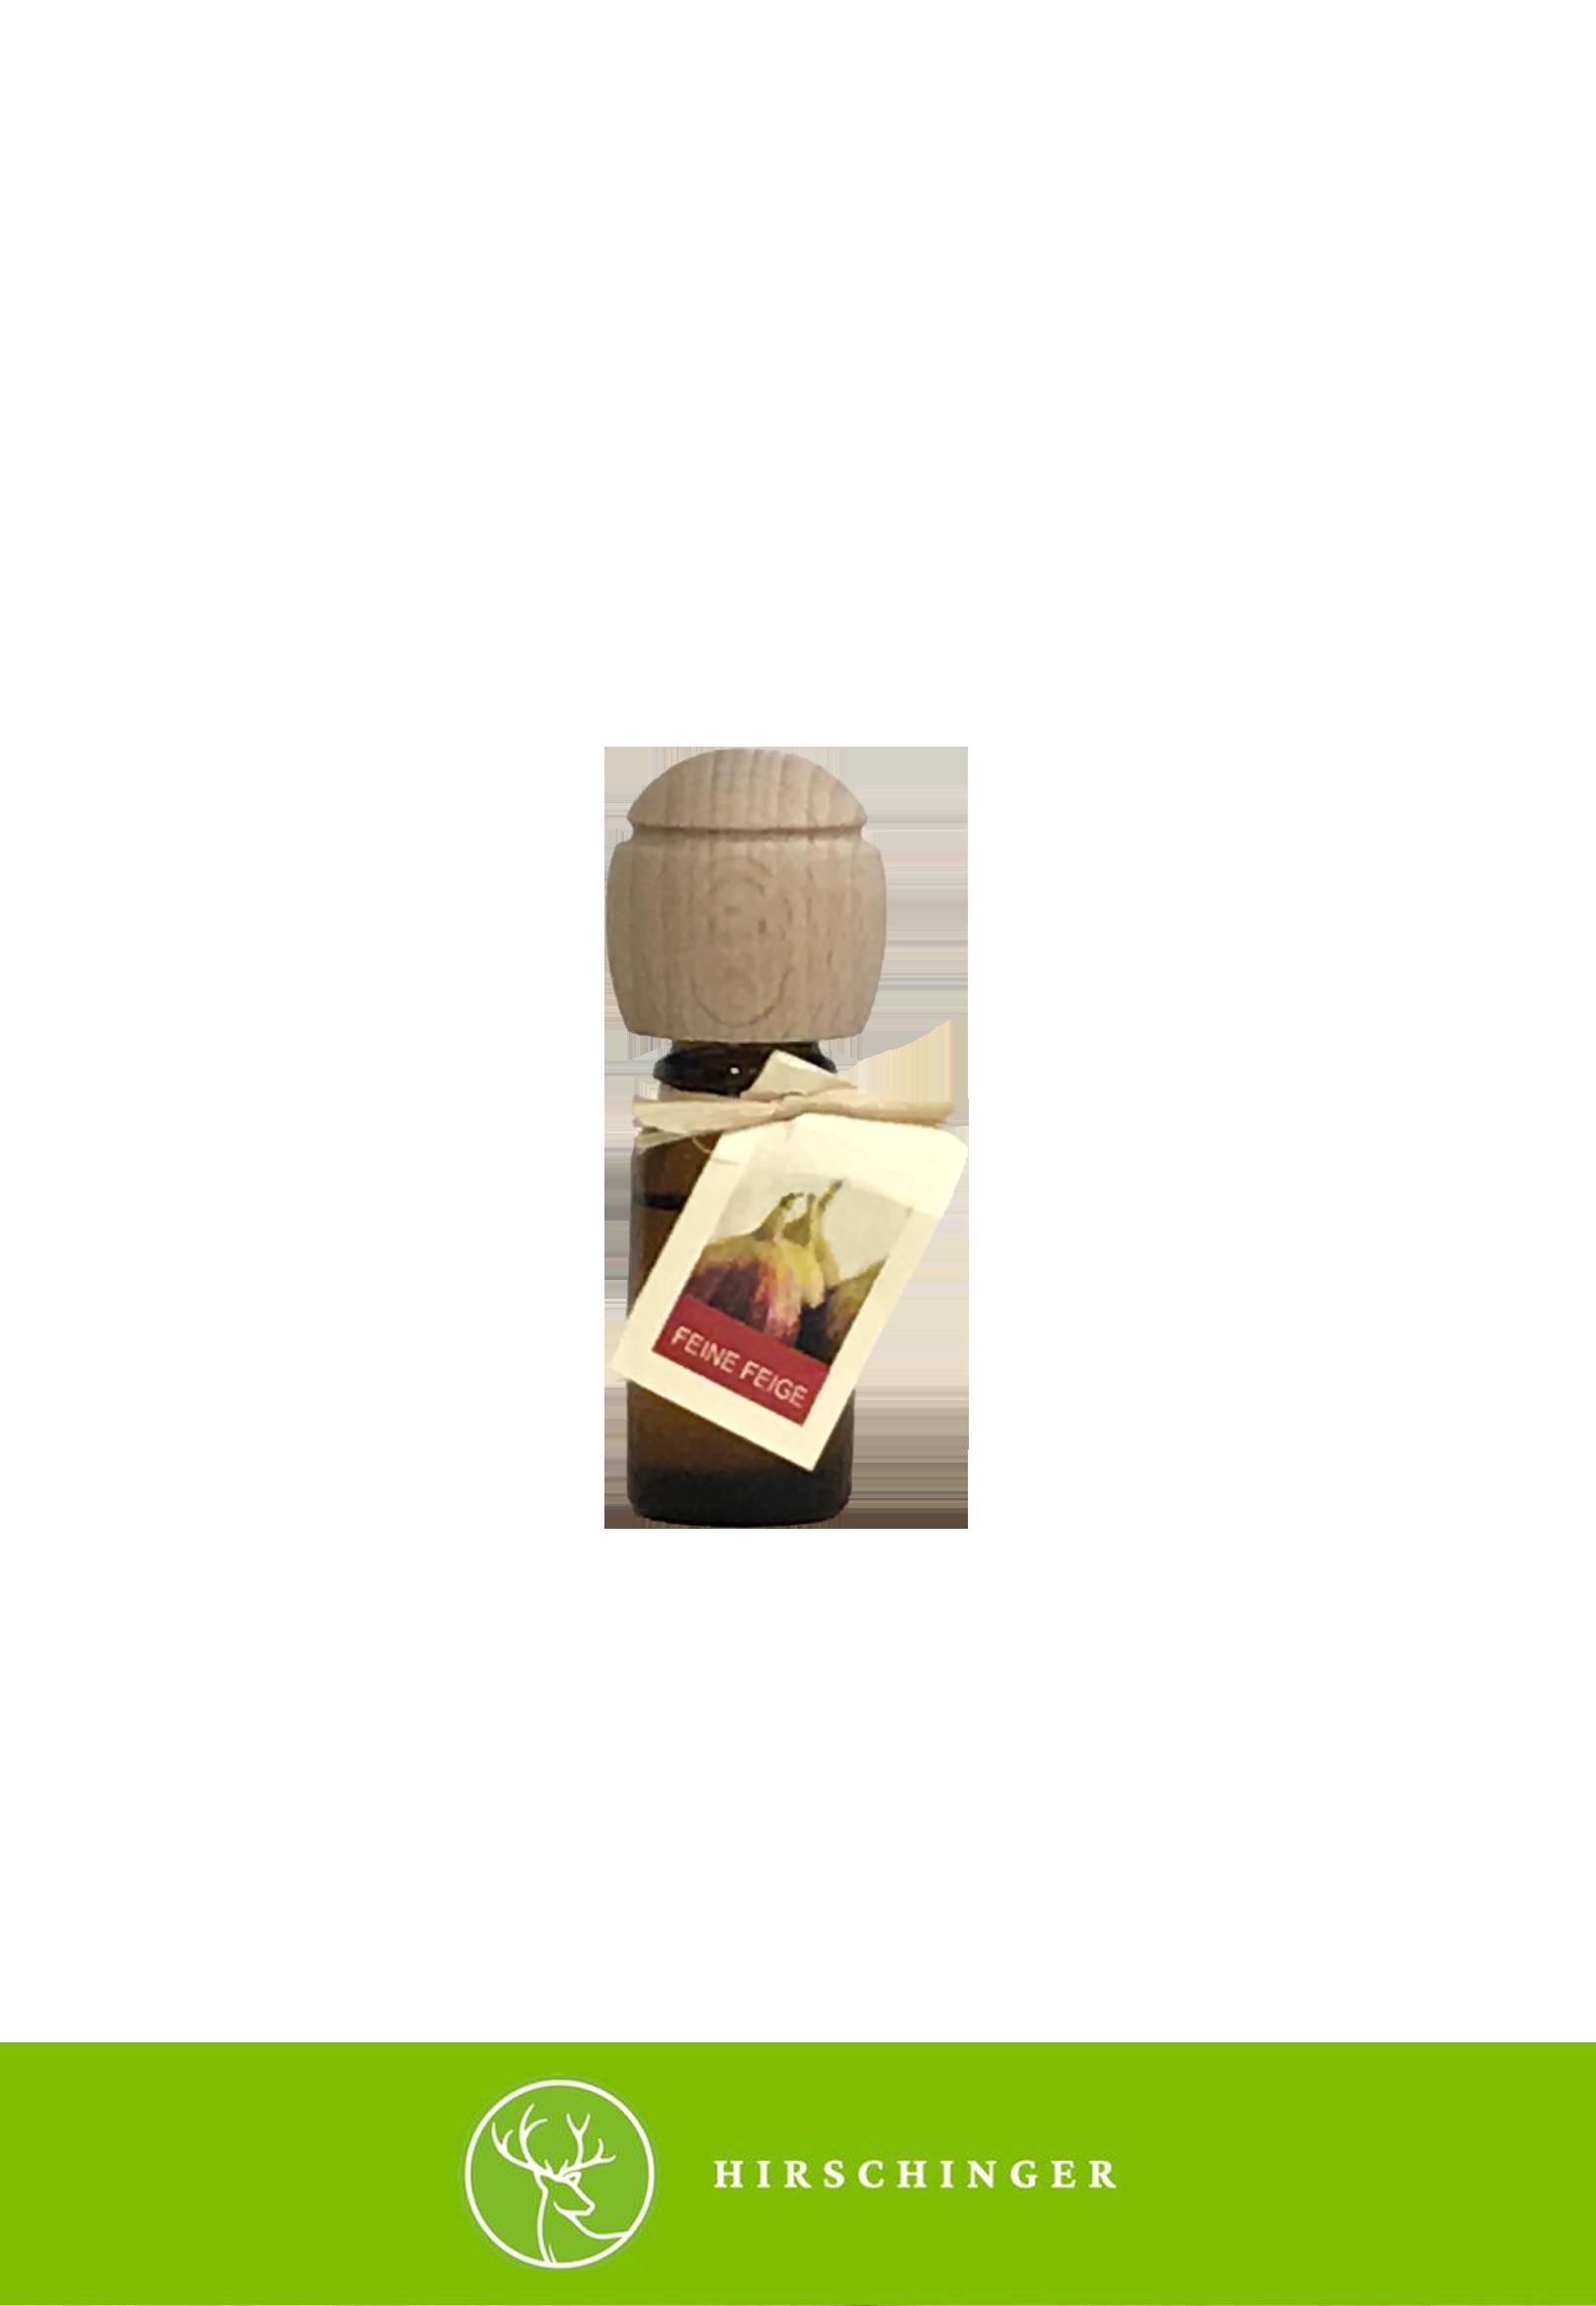 duft-feine-feige